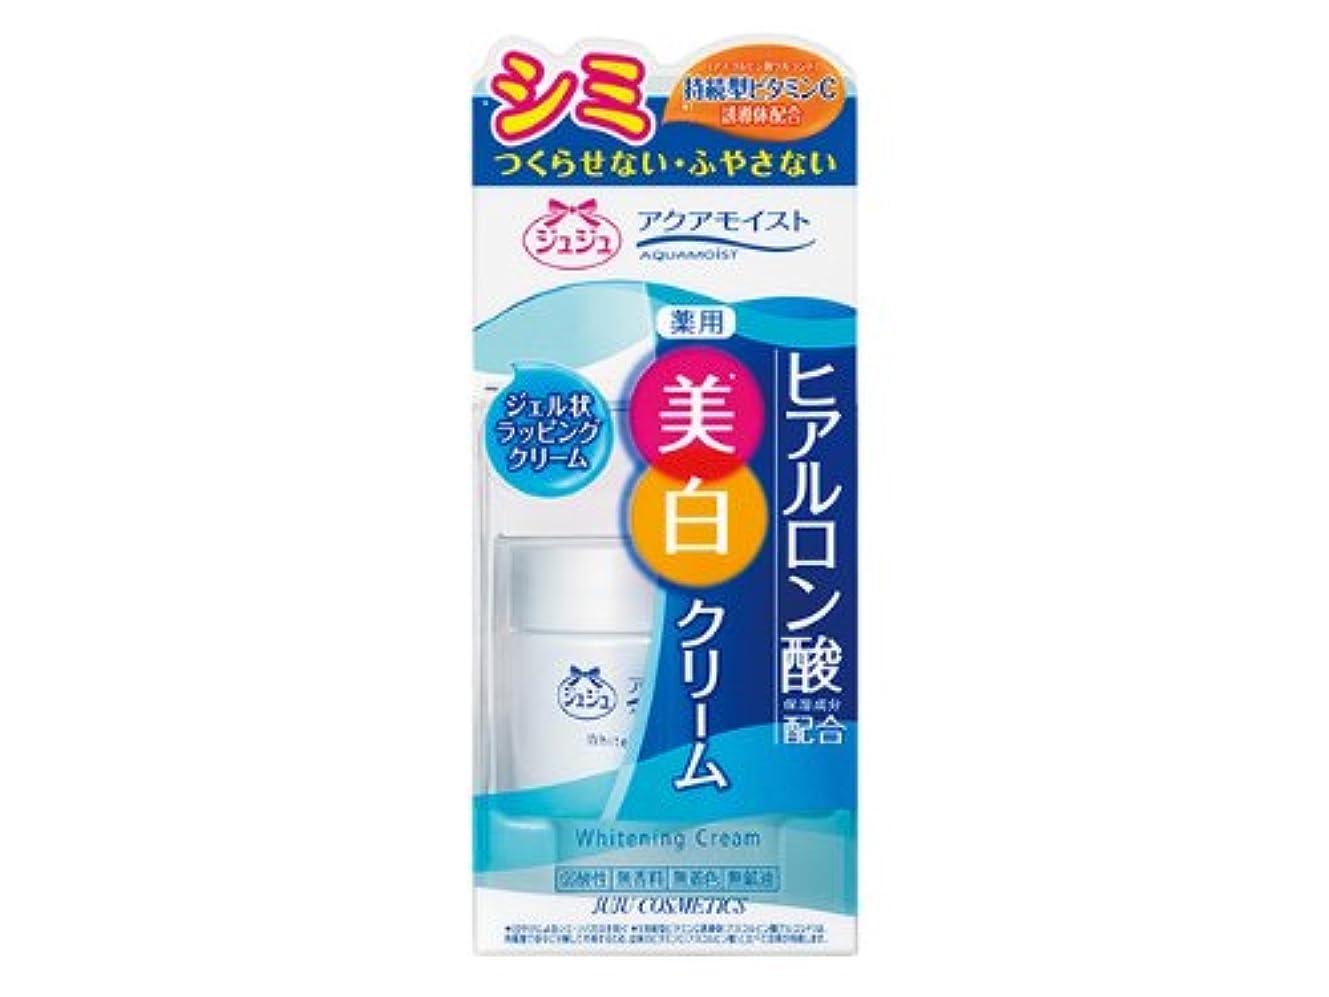 用語集早いリハーサルアクアモイストC 薬用ホワイトニングクリームH 50g 【医薬部外品】